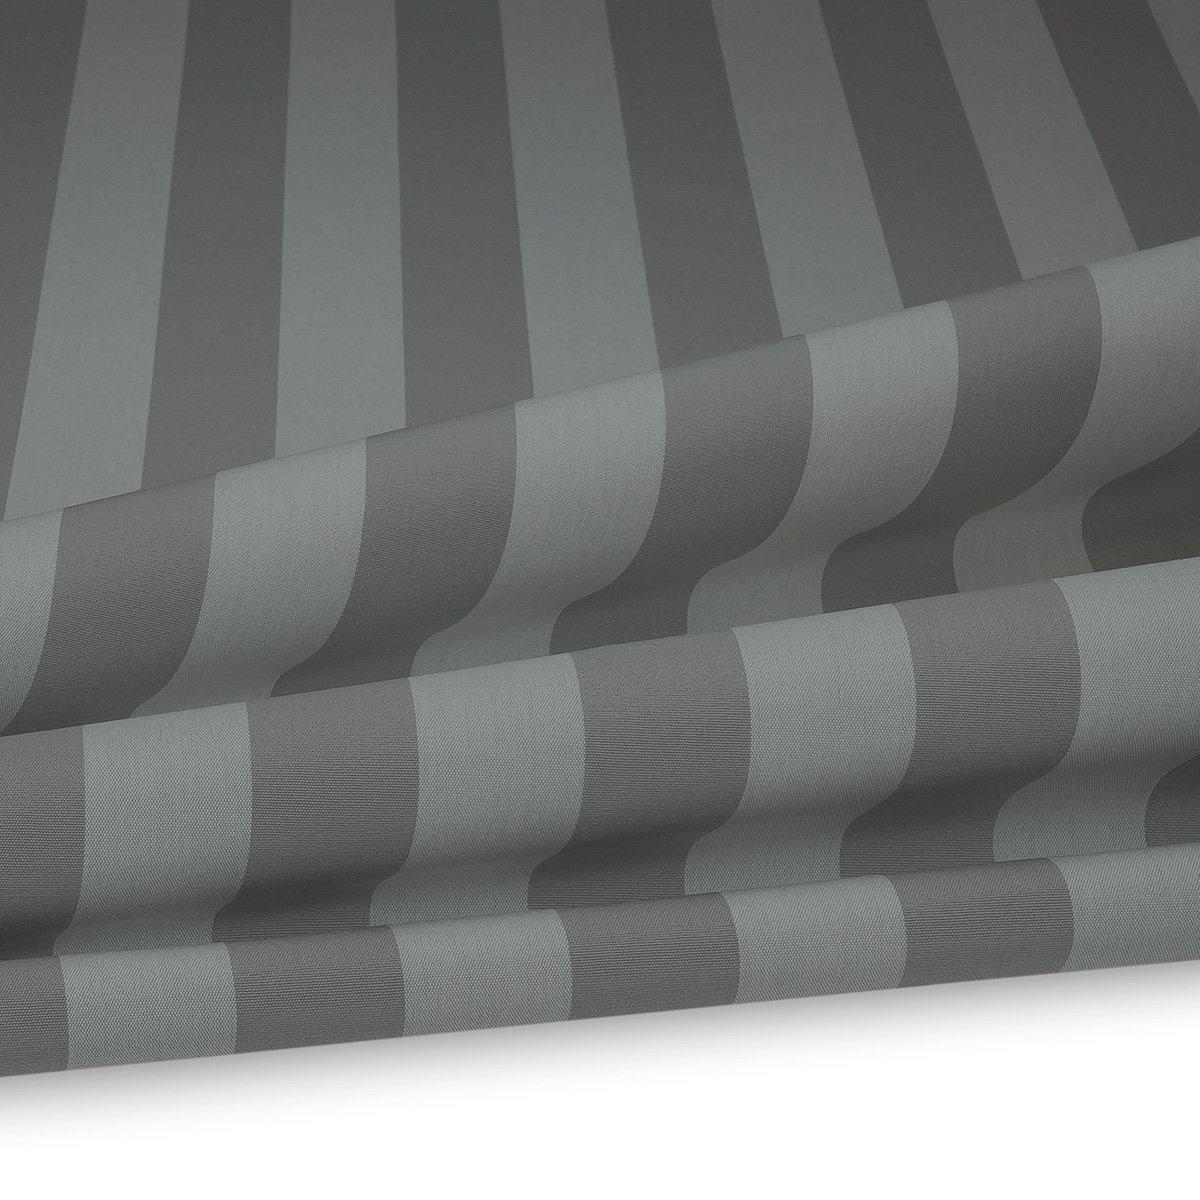 Artikelbild Outdoor Polsterstoff Streifen 5cm Für Gartenmöbel, Kissen  Breite 160cm 240g/m² Weiss/